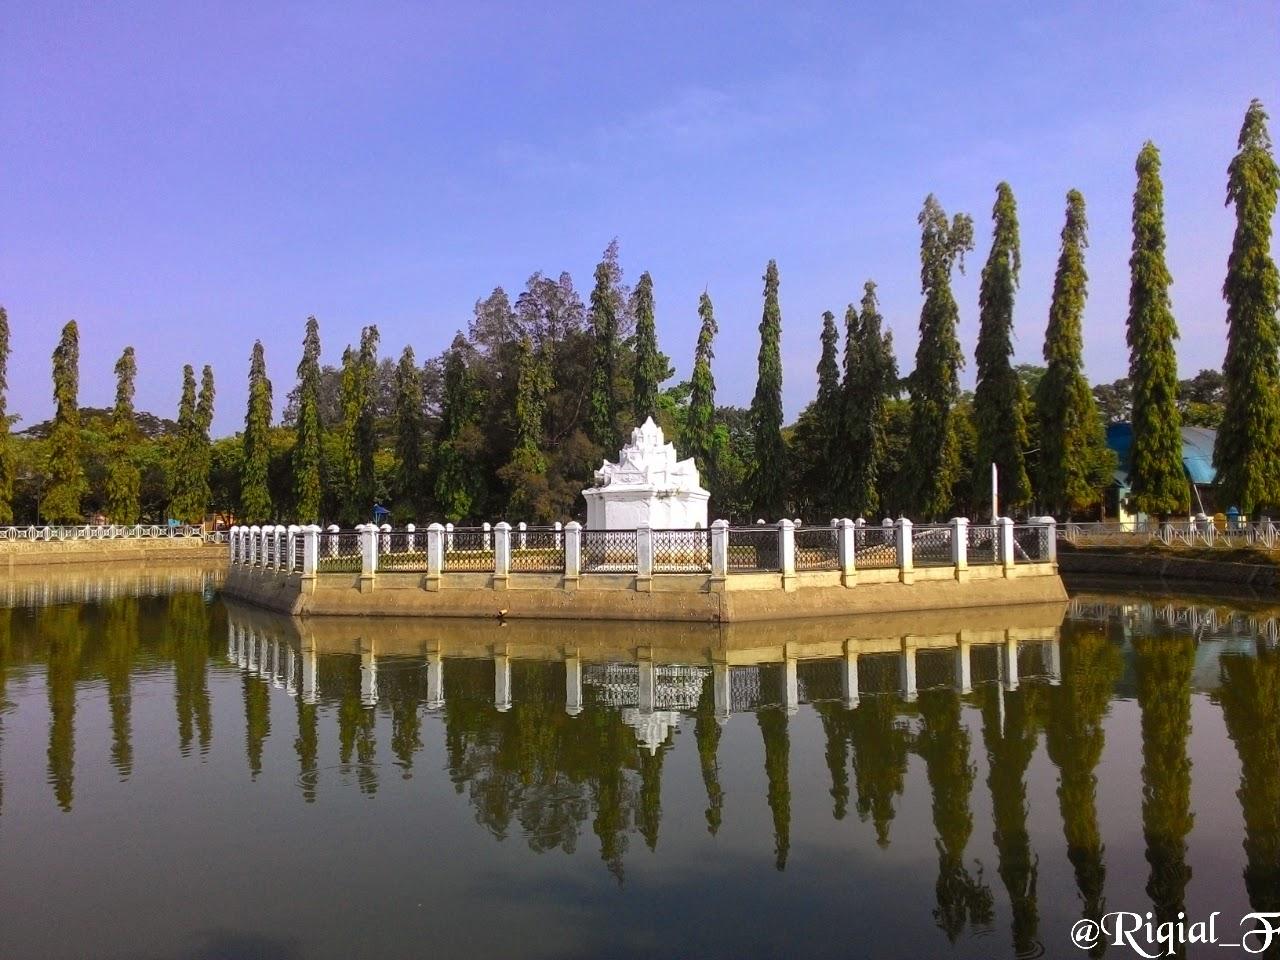 Sdsa Pinto Khop Salah Satu Situs Peninggalan Purbakala Sejarah Aceh